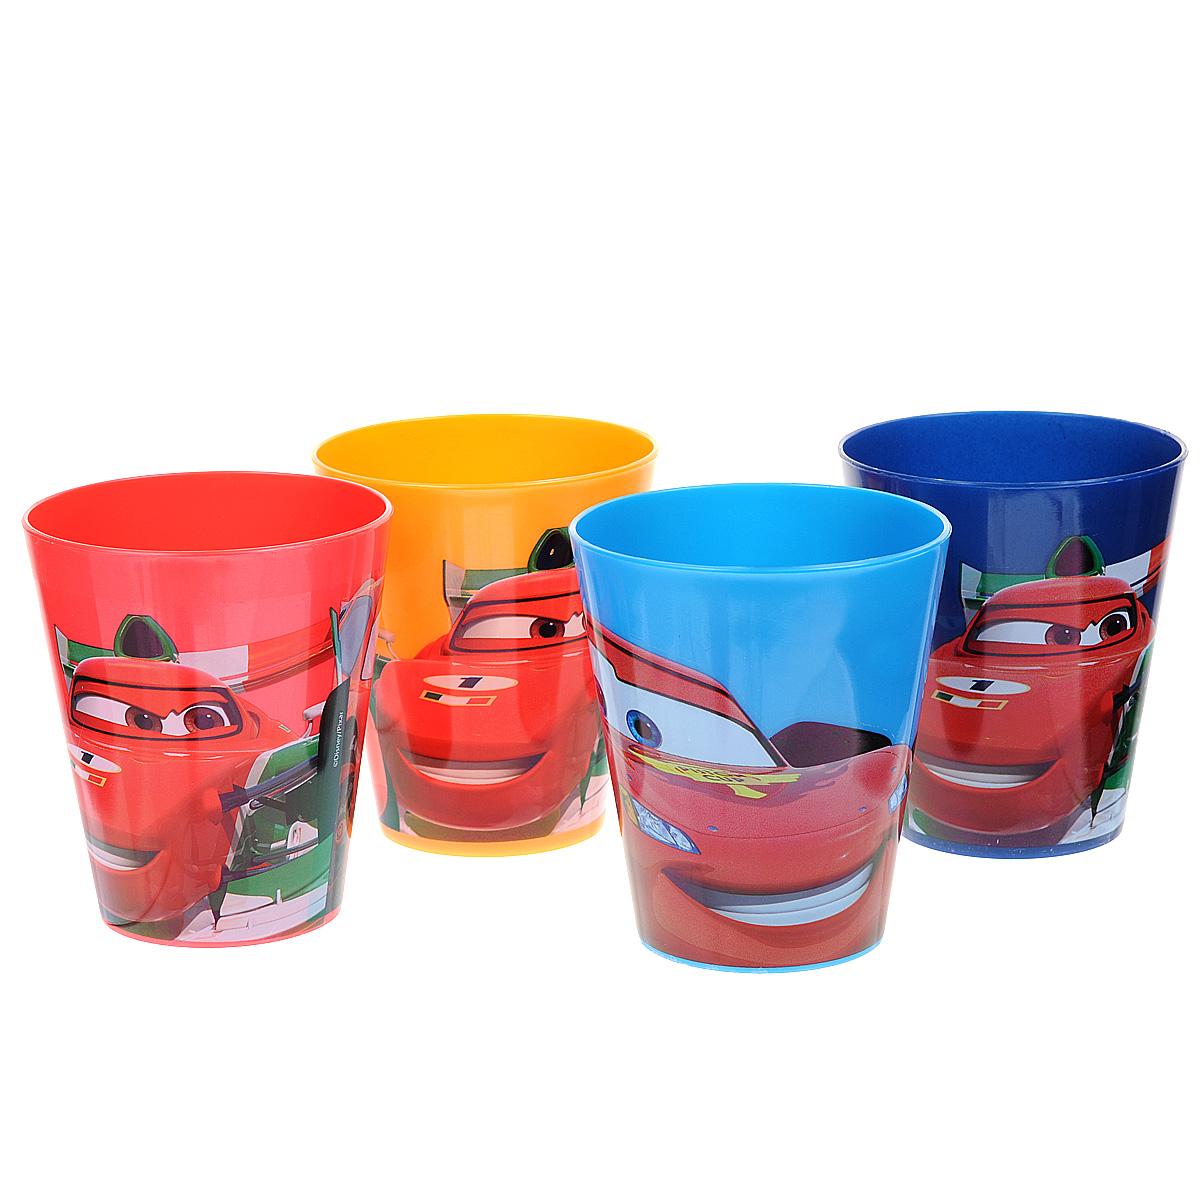 Набор стаканов Тачки, 280 мл, 4 шт050109013Яркие стаканы из набора Тачки доставят малышу массу удовольствия. Изготовлены они из высококачественного ударопрочного пластика. Со стенок стакана вашему малышу приятно улыбаются персонажи популярного мультфильма Тачки. Прекрасное дополнение к праздничному столу на празднике!В наборе четыре стакана.